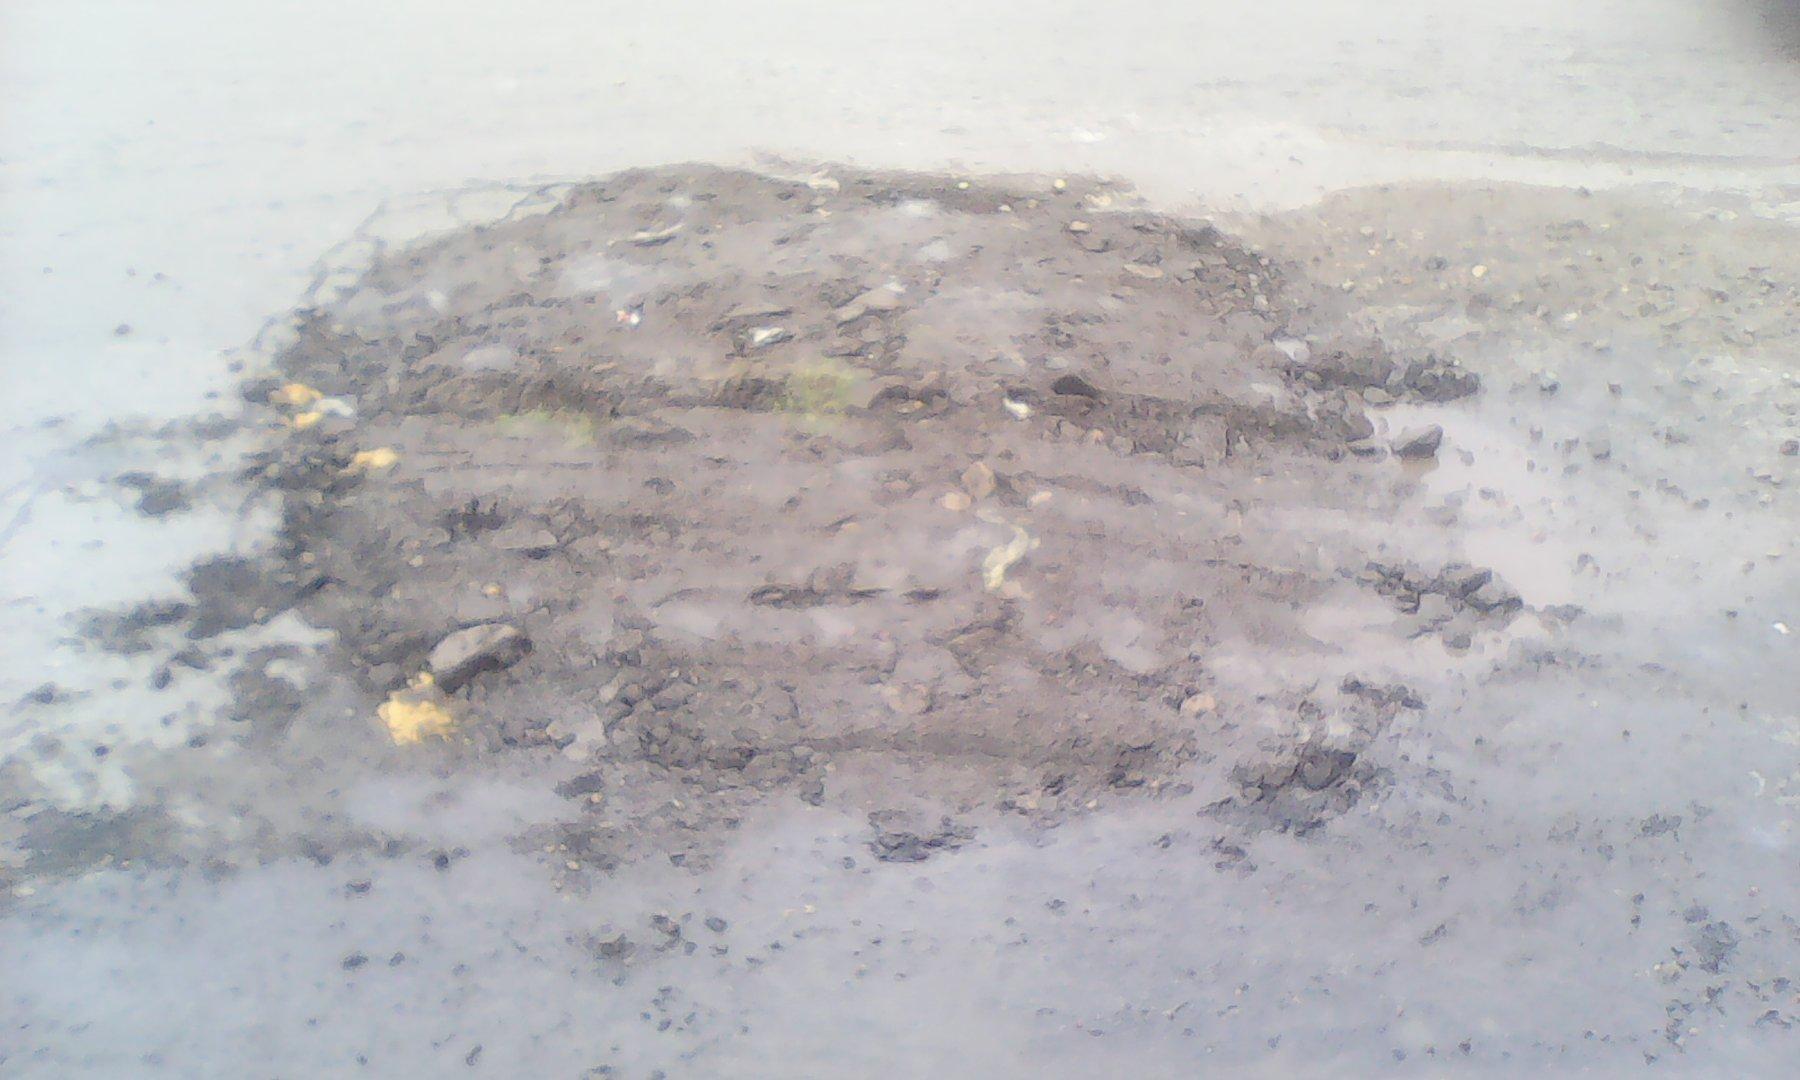 «Ремонт дорог по-украински»: ямы теперь латают землей с мусором 2